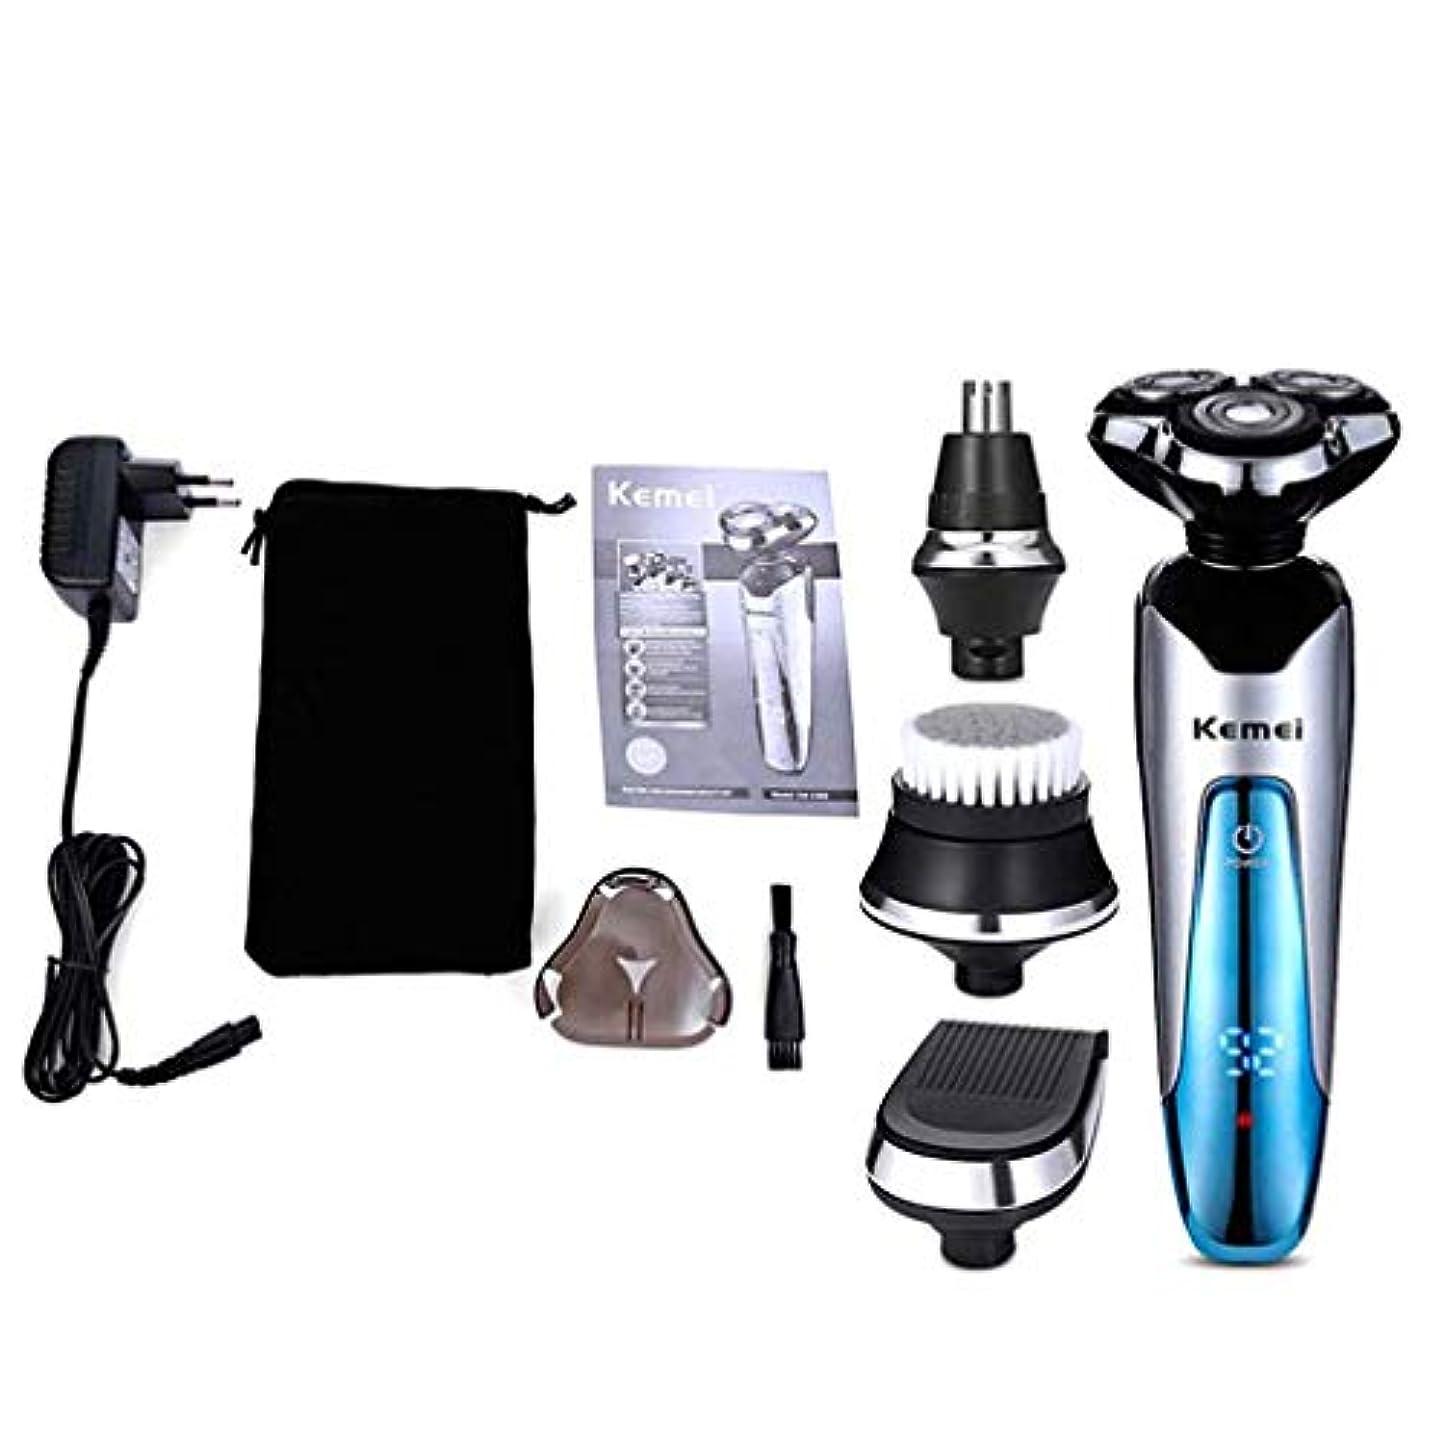 つまらない文明化形状フルボディ洗える充電式スリーインワン電気シェーバー充電式鼻毛機デジタルカミソリのボディ